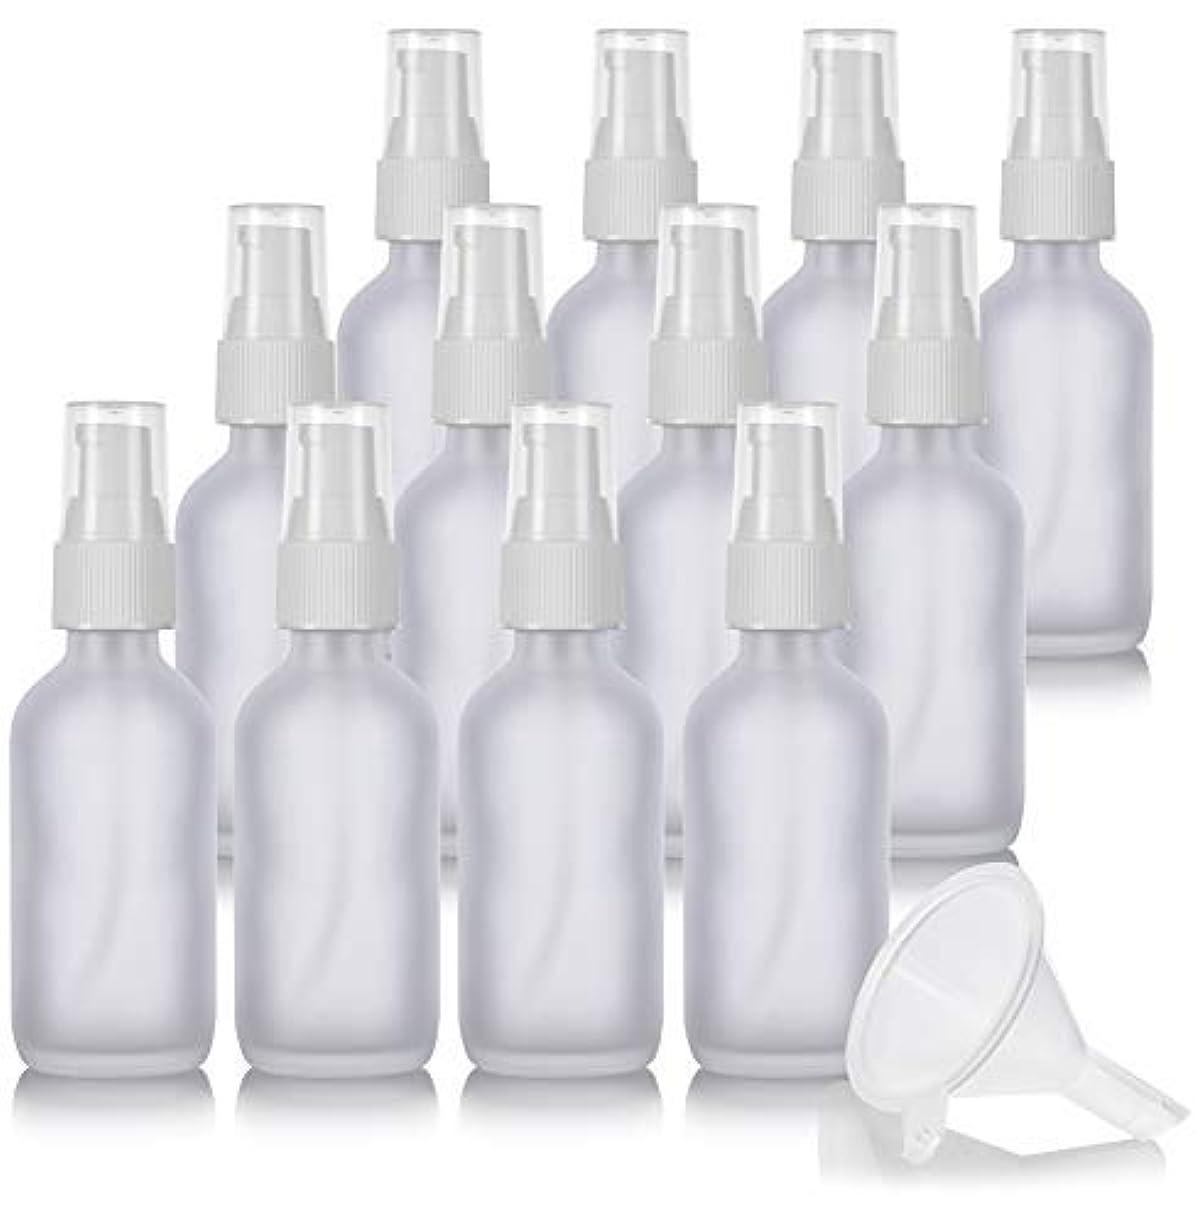 ドリル落ち着いて間隔2 oz Frosted Clear Glass Boston Round White Treatment Pump Bottle (12 Pack) + Funnel and Labels for Cosmetics, Serums, Essential Oils, Aromatherapy, Food Grade, bpa Free [並行輸入品]